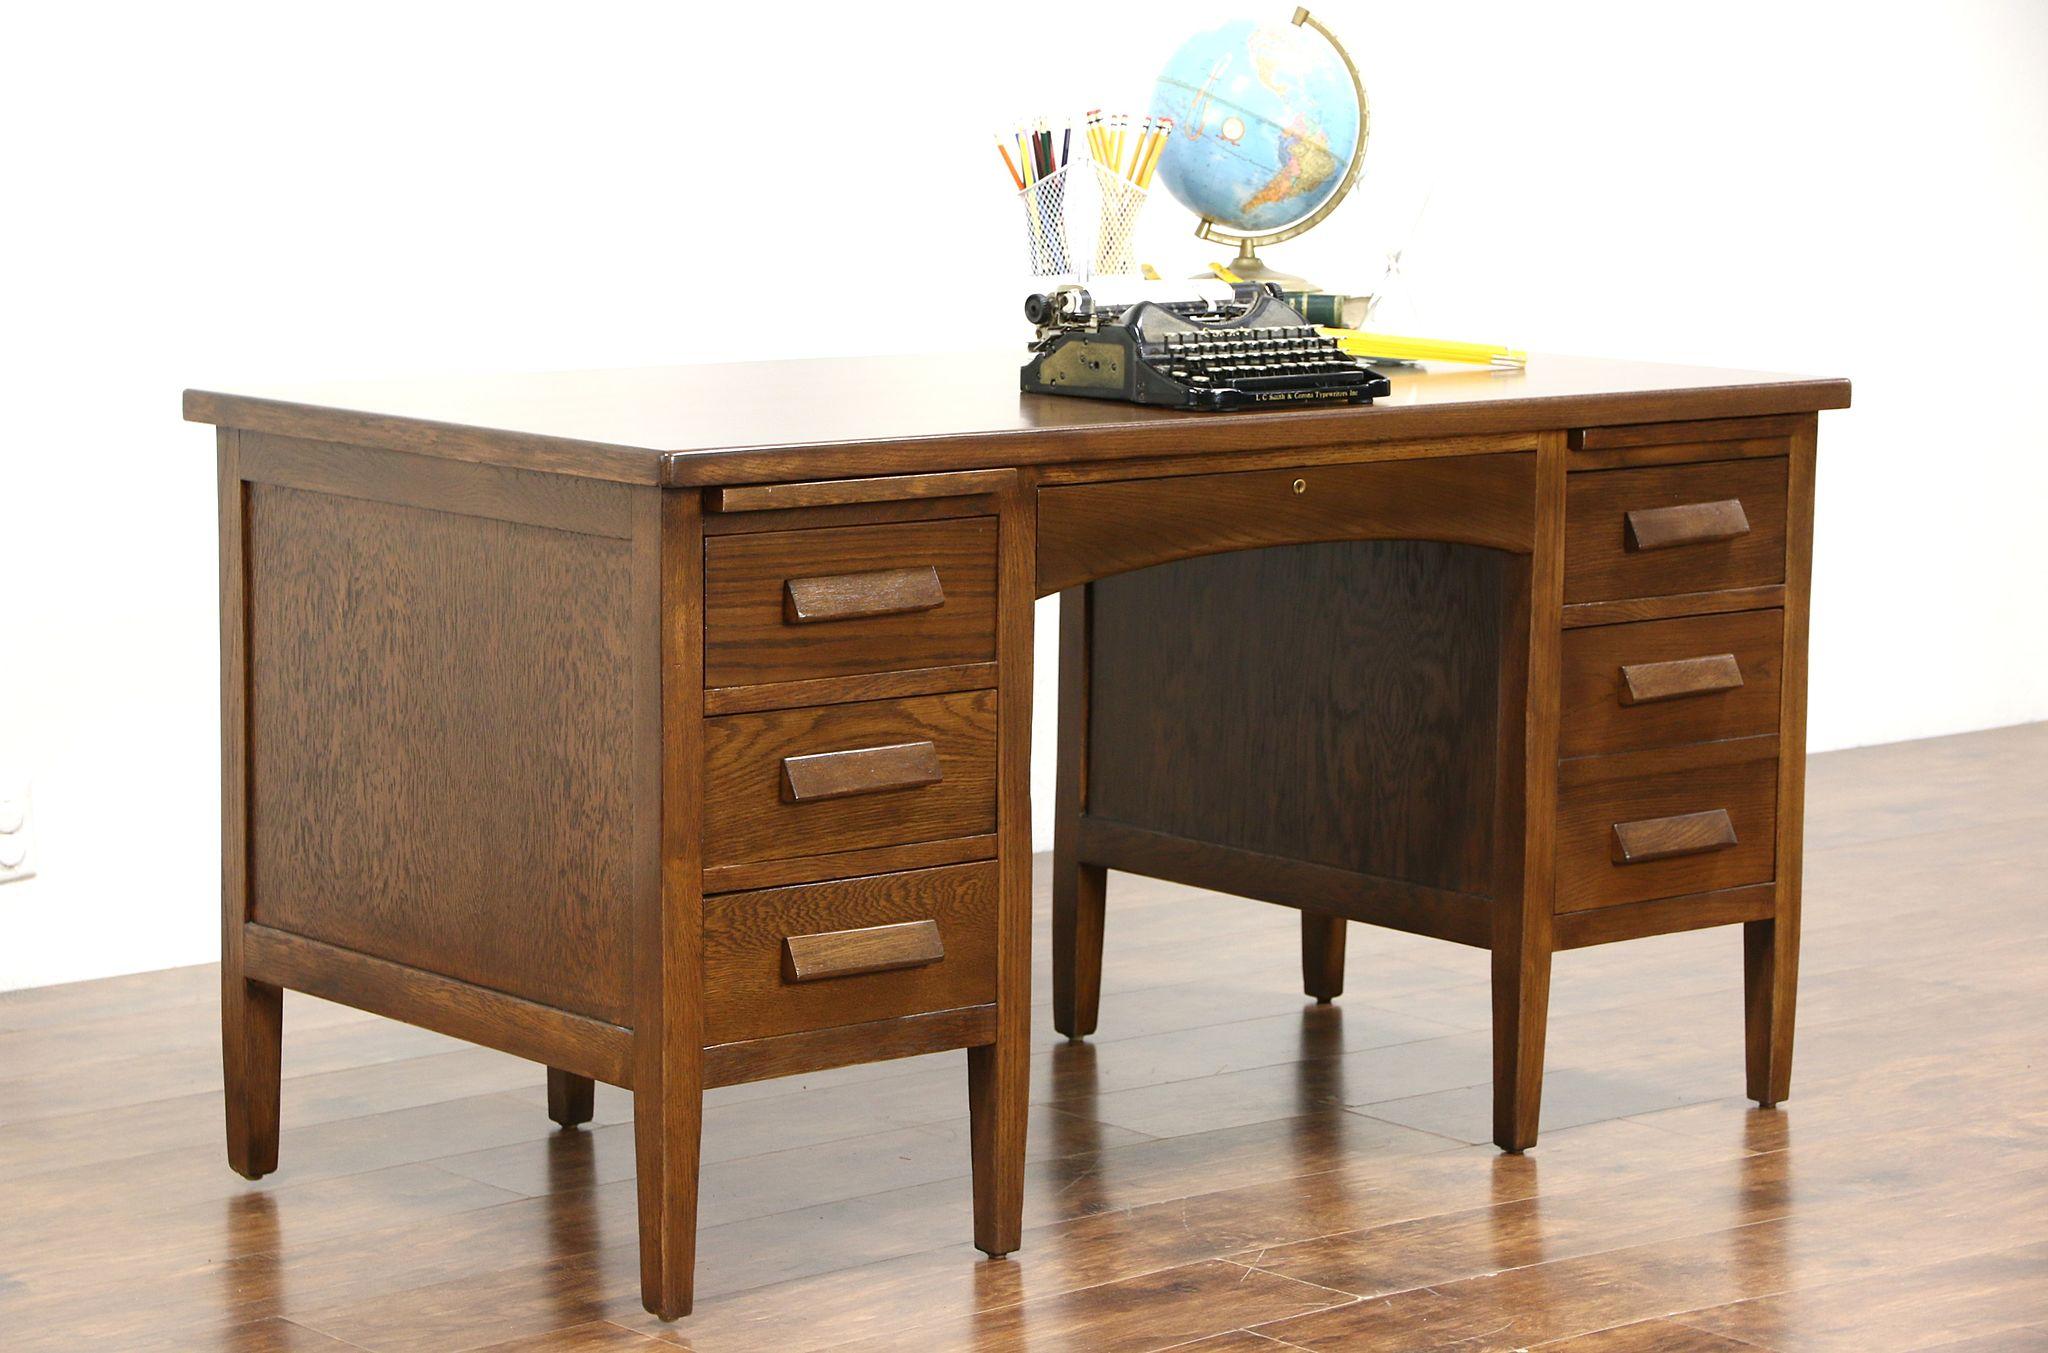 Sold Oak 1930 S Vintage Desk File Drawer 2 Pull Out Shelves Harp Gallery Antiques Furniture